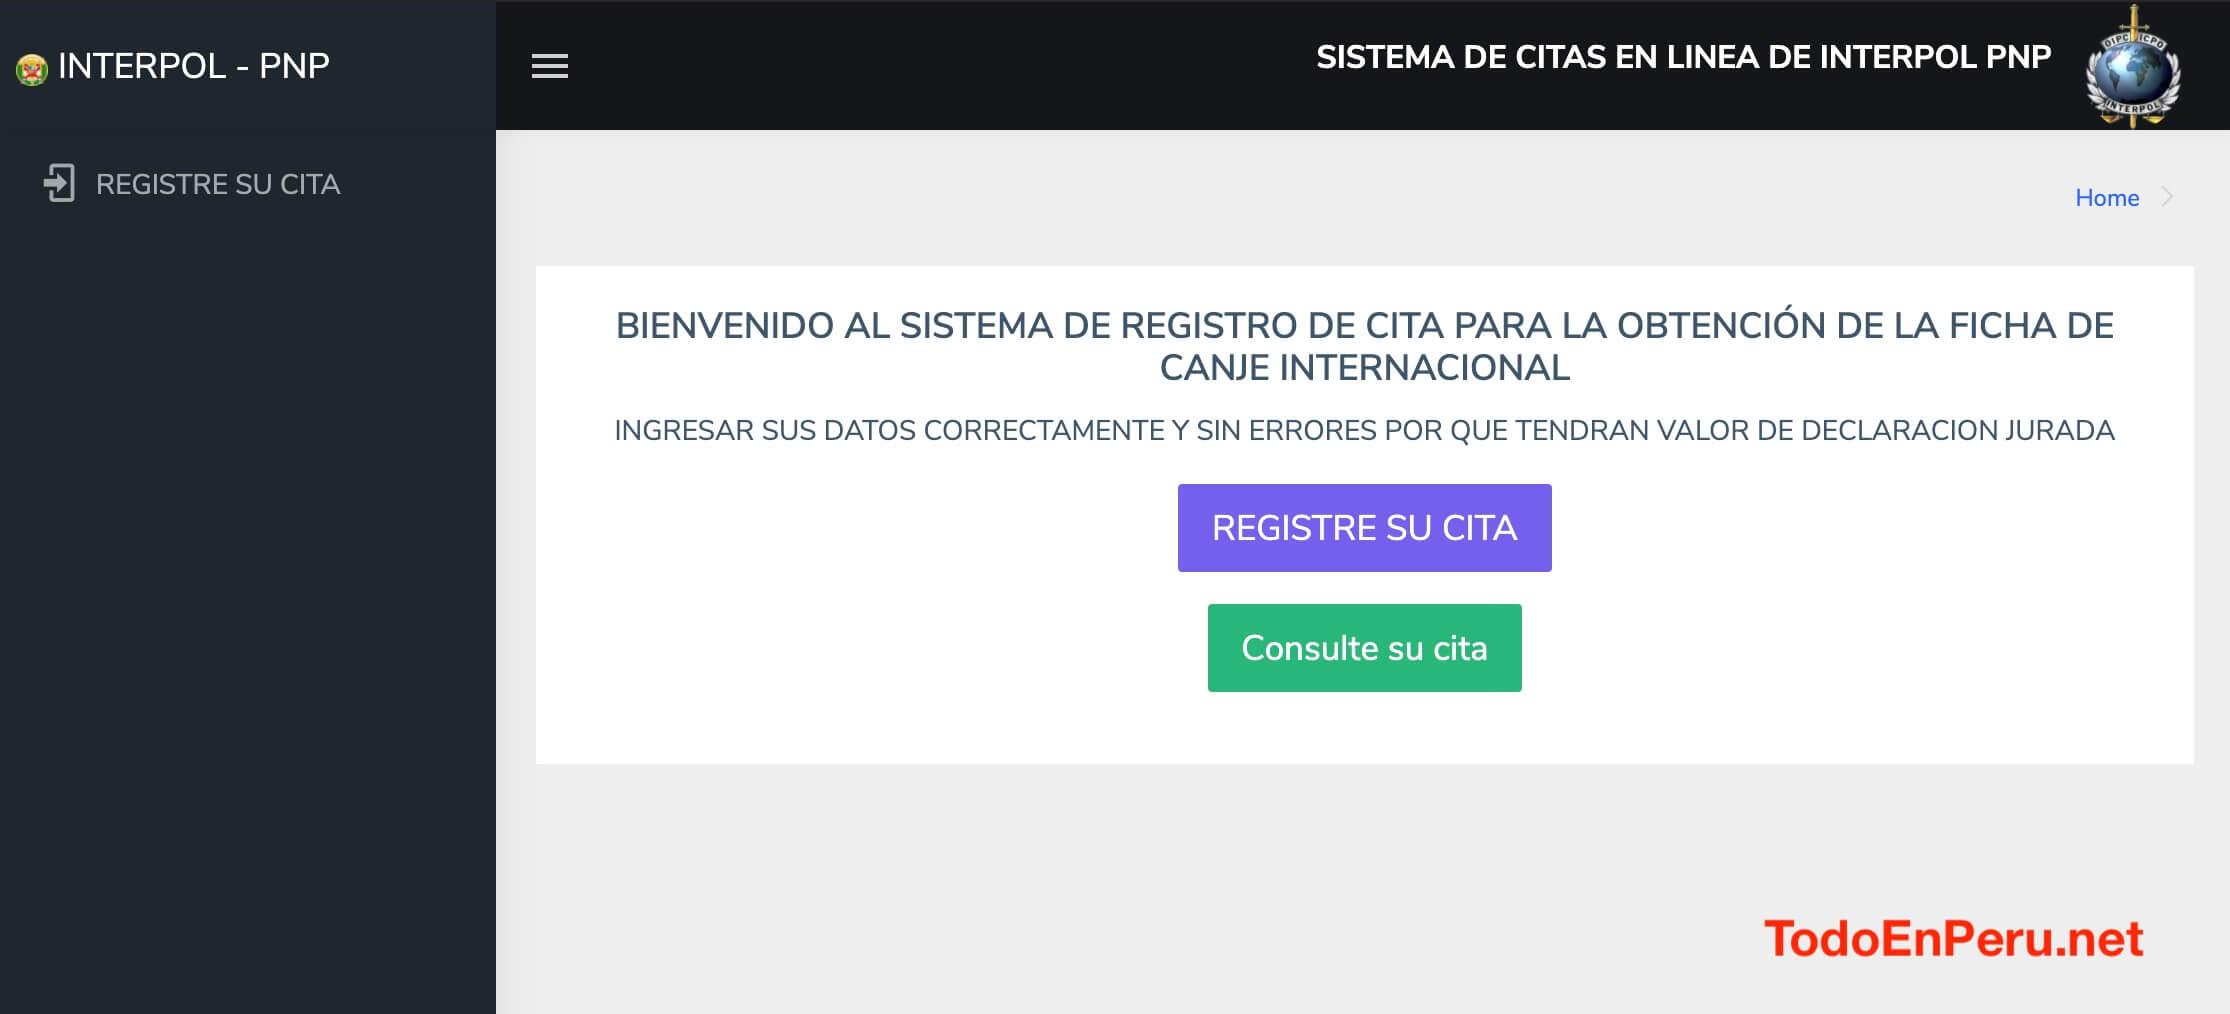 Conoce como solicitar una cita en línea en Interpol Perú para obtener la Ficha de Canje Internacional